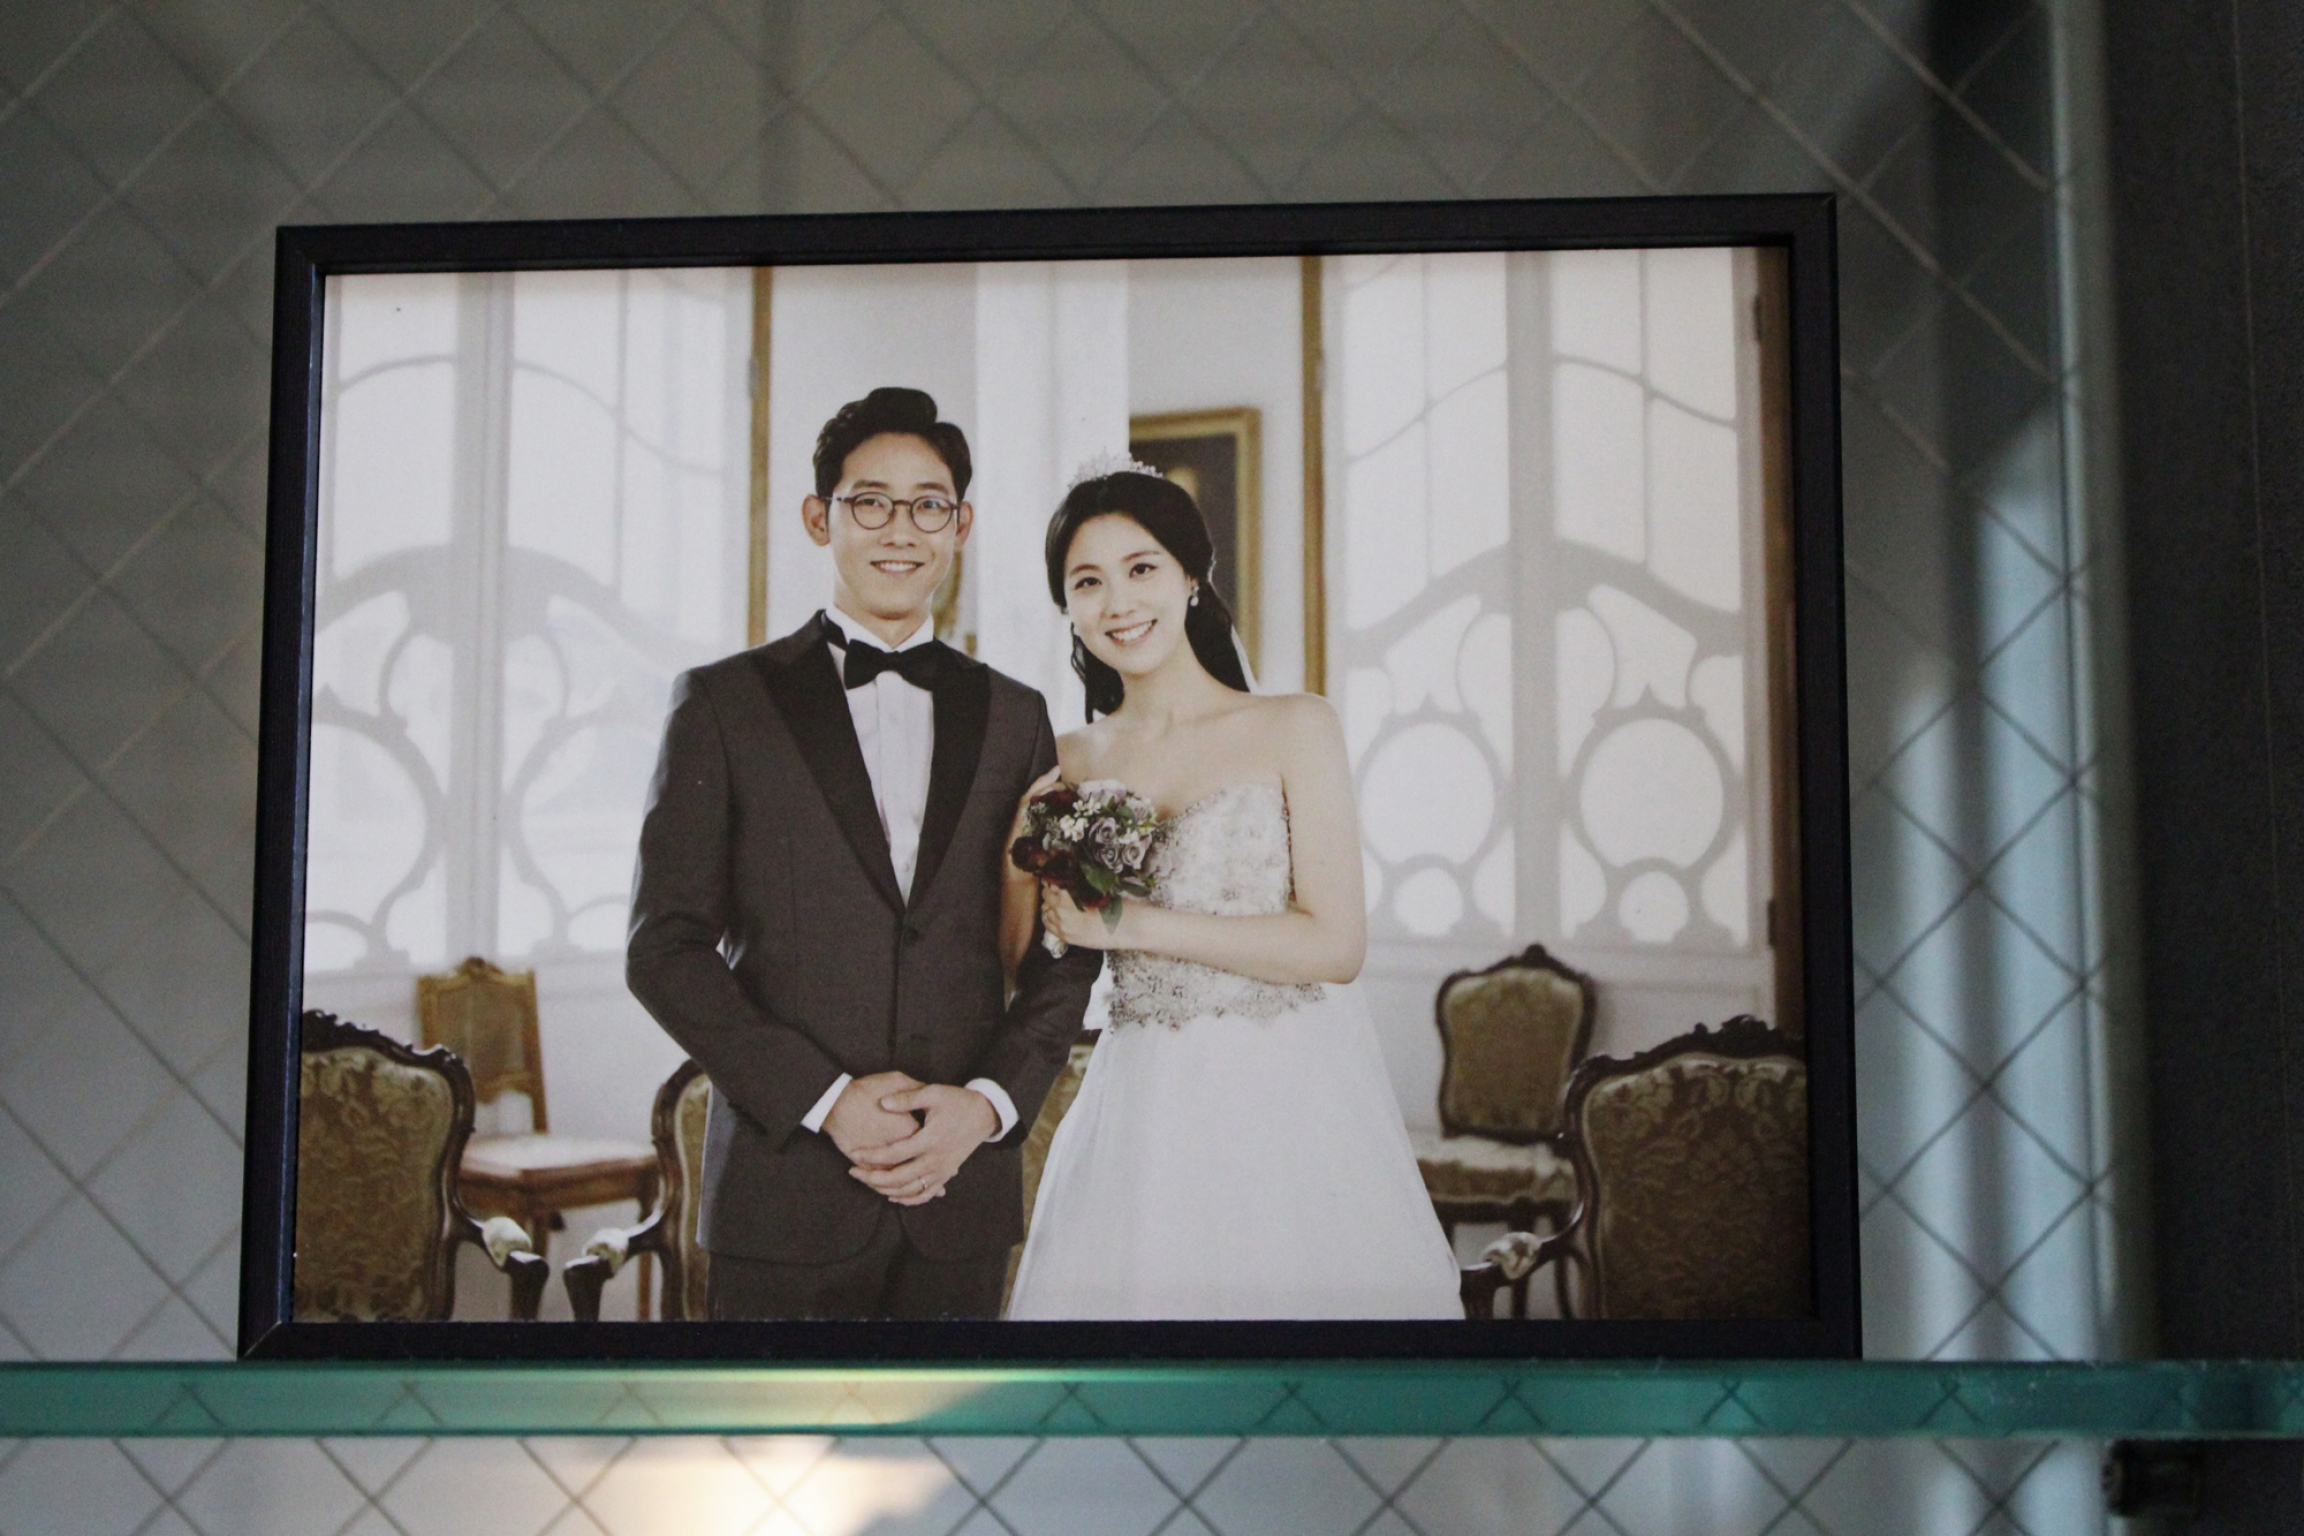 A wedding photo of a Korean couple